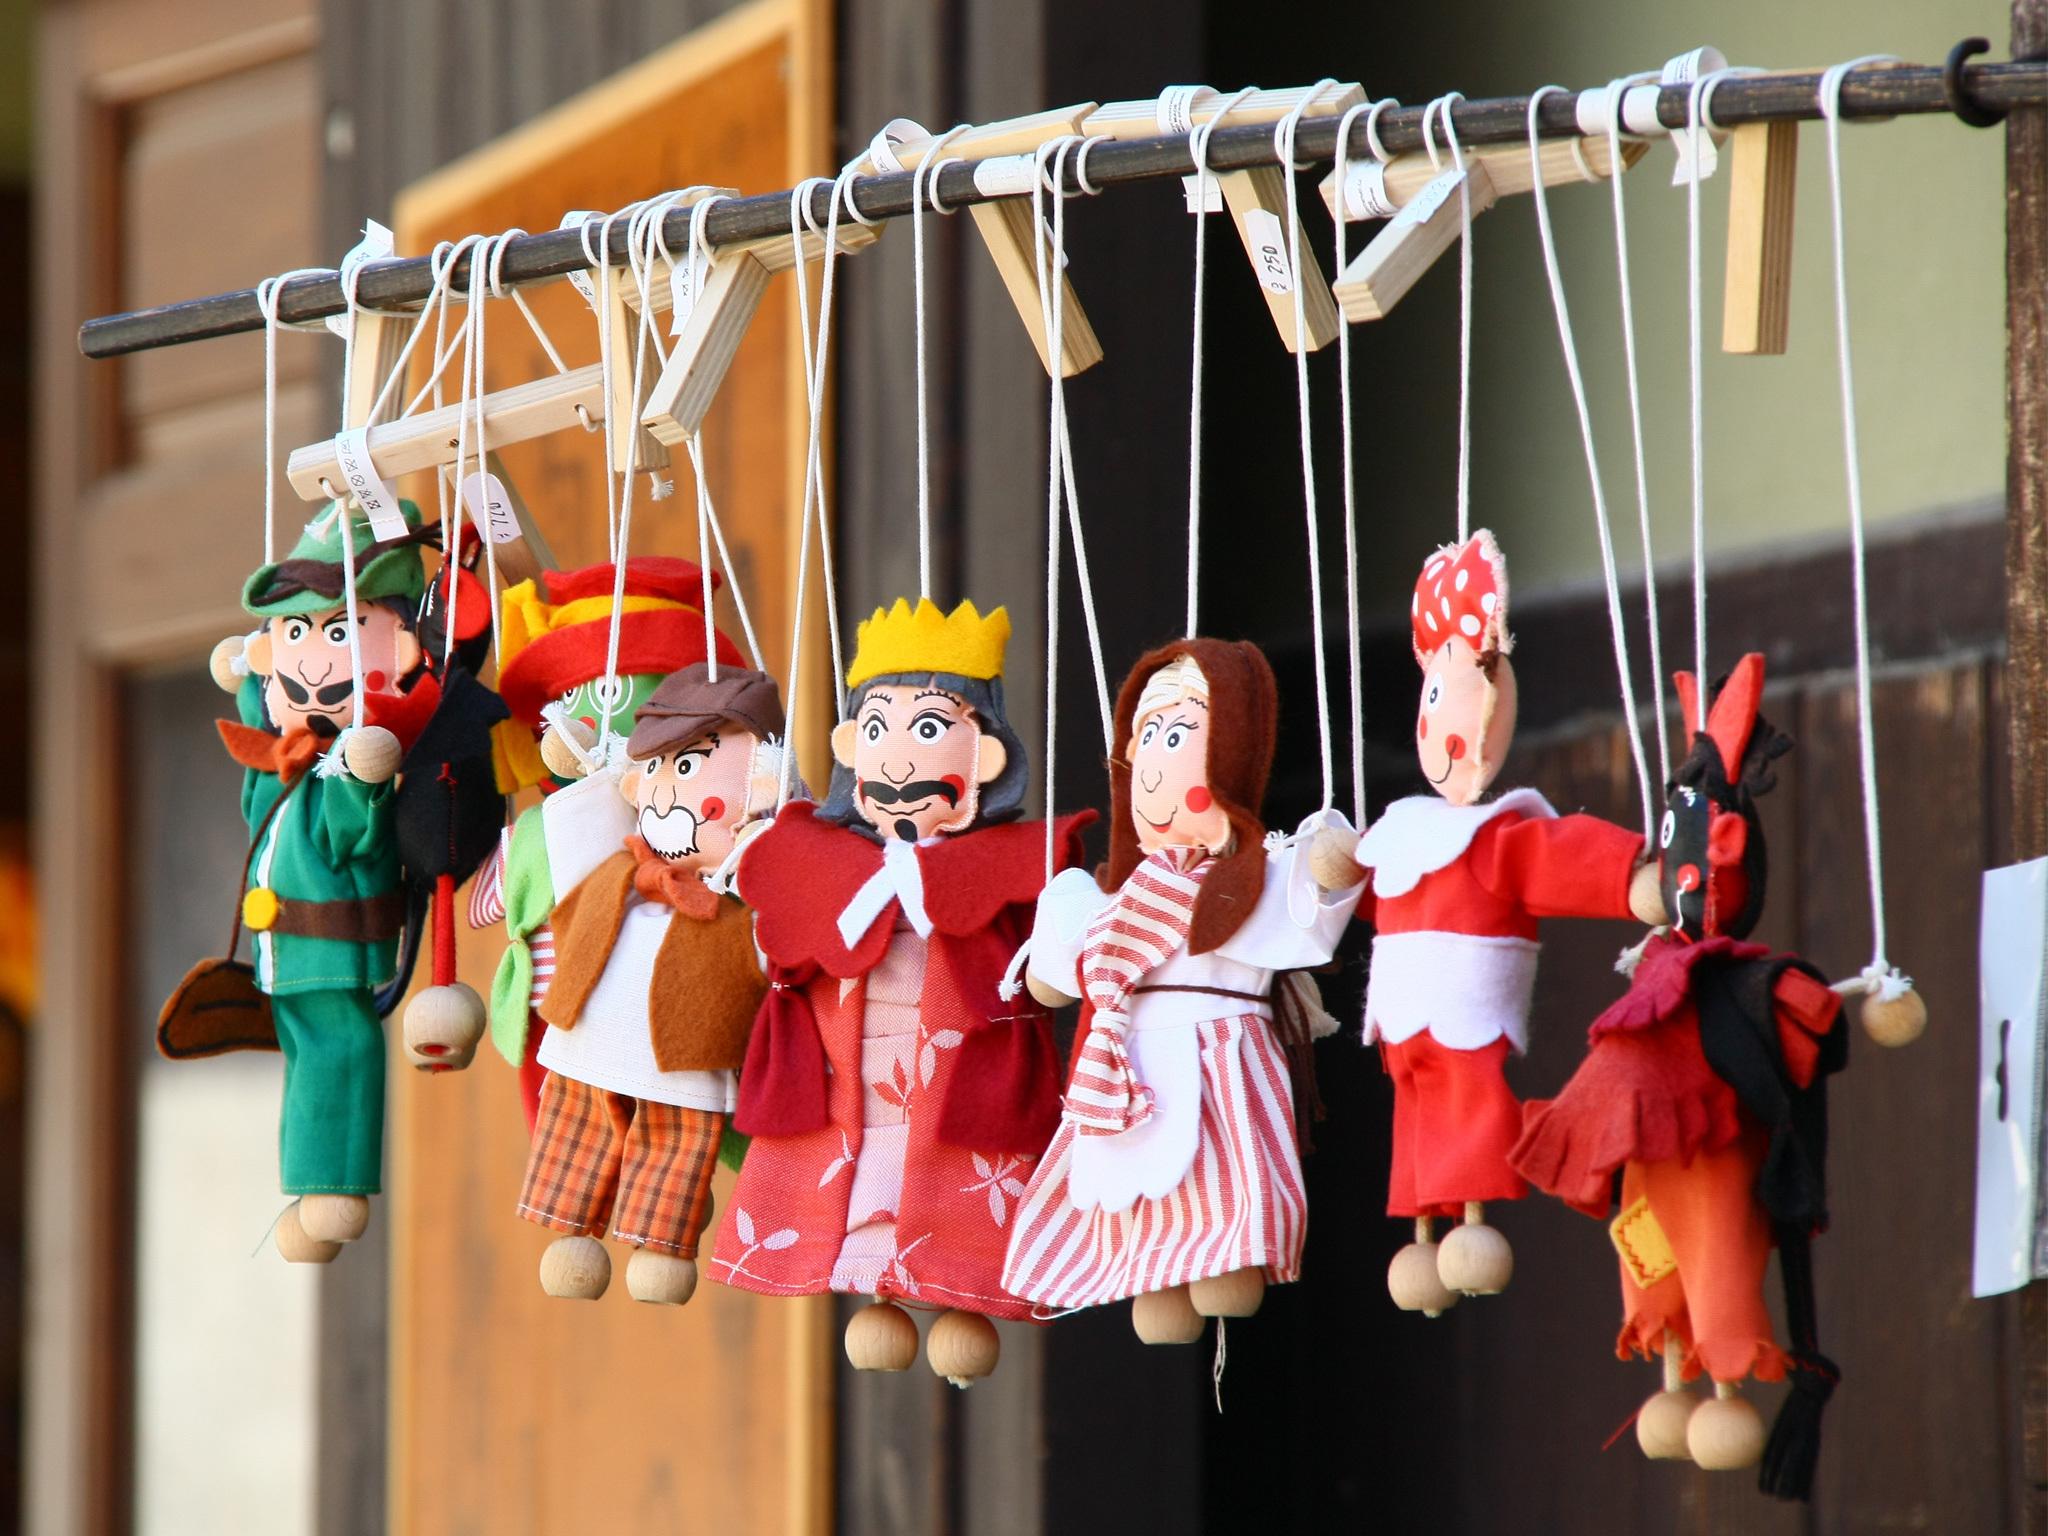 Teatro de marionetas para niños